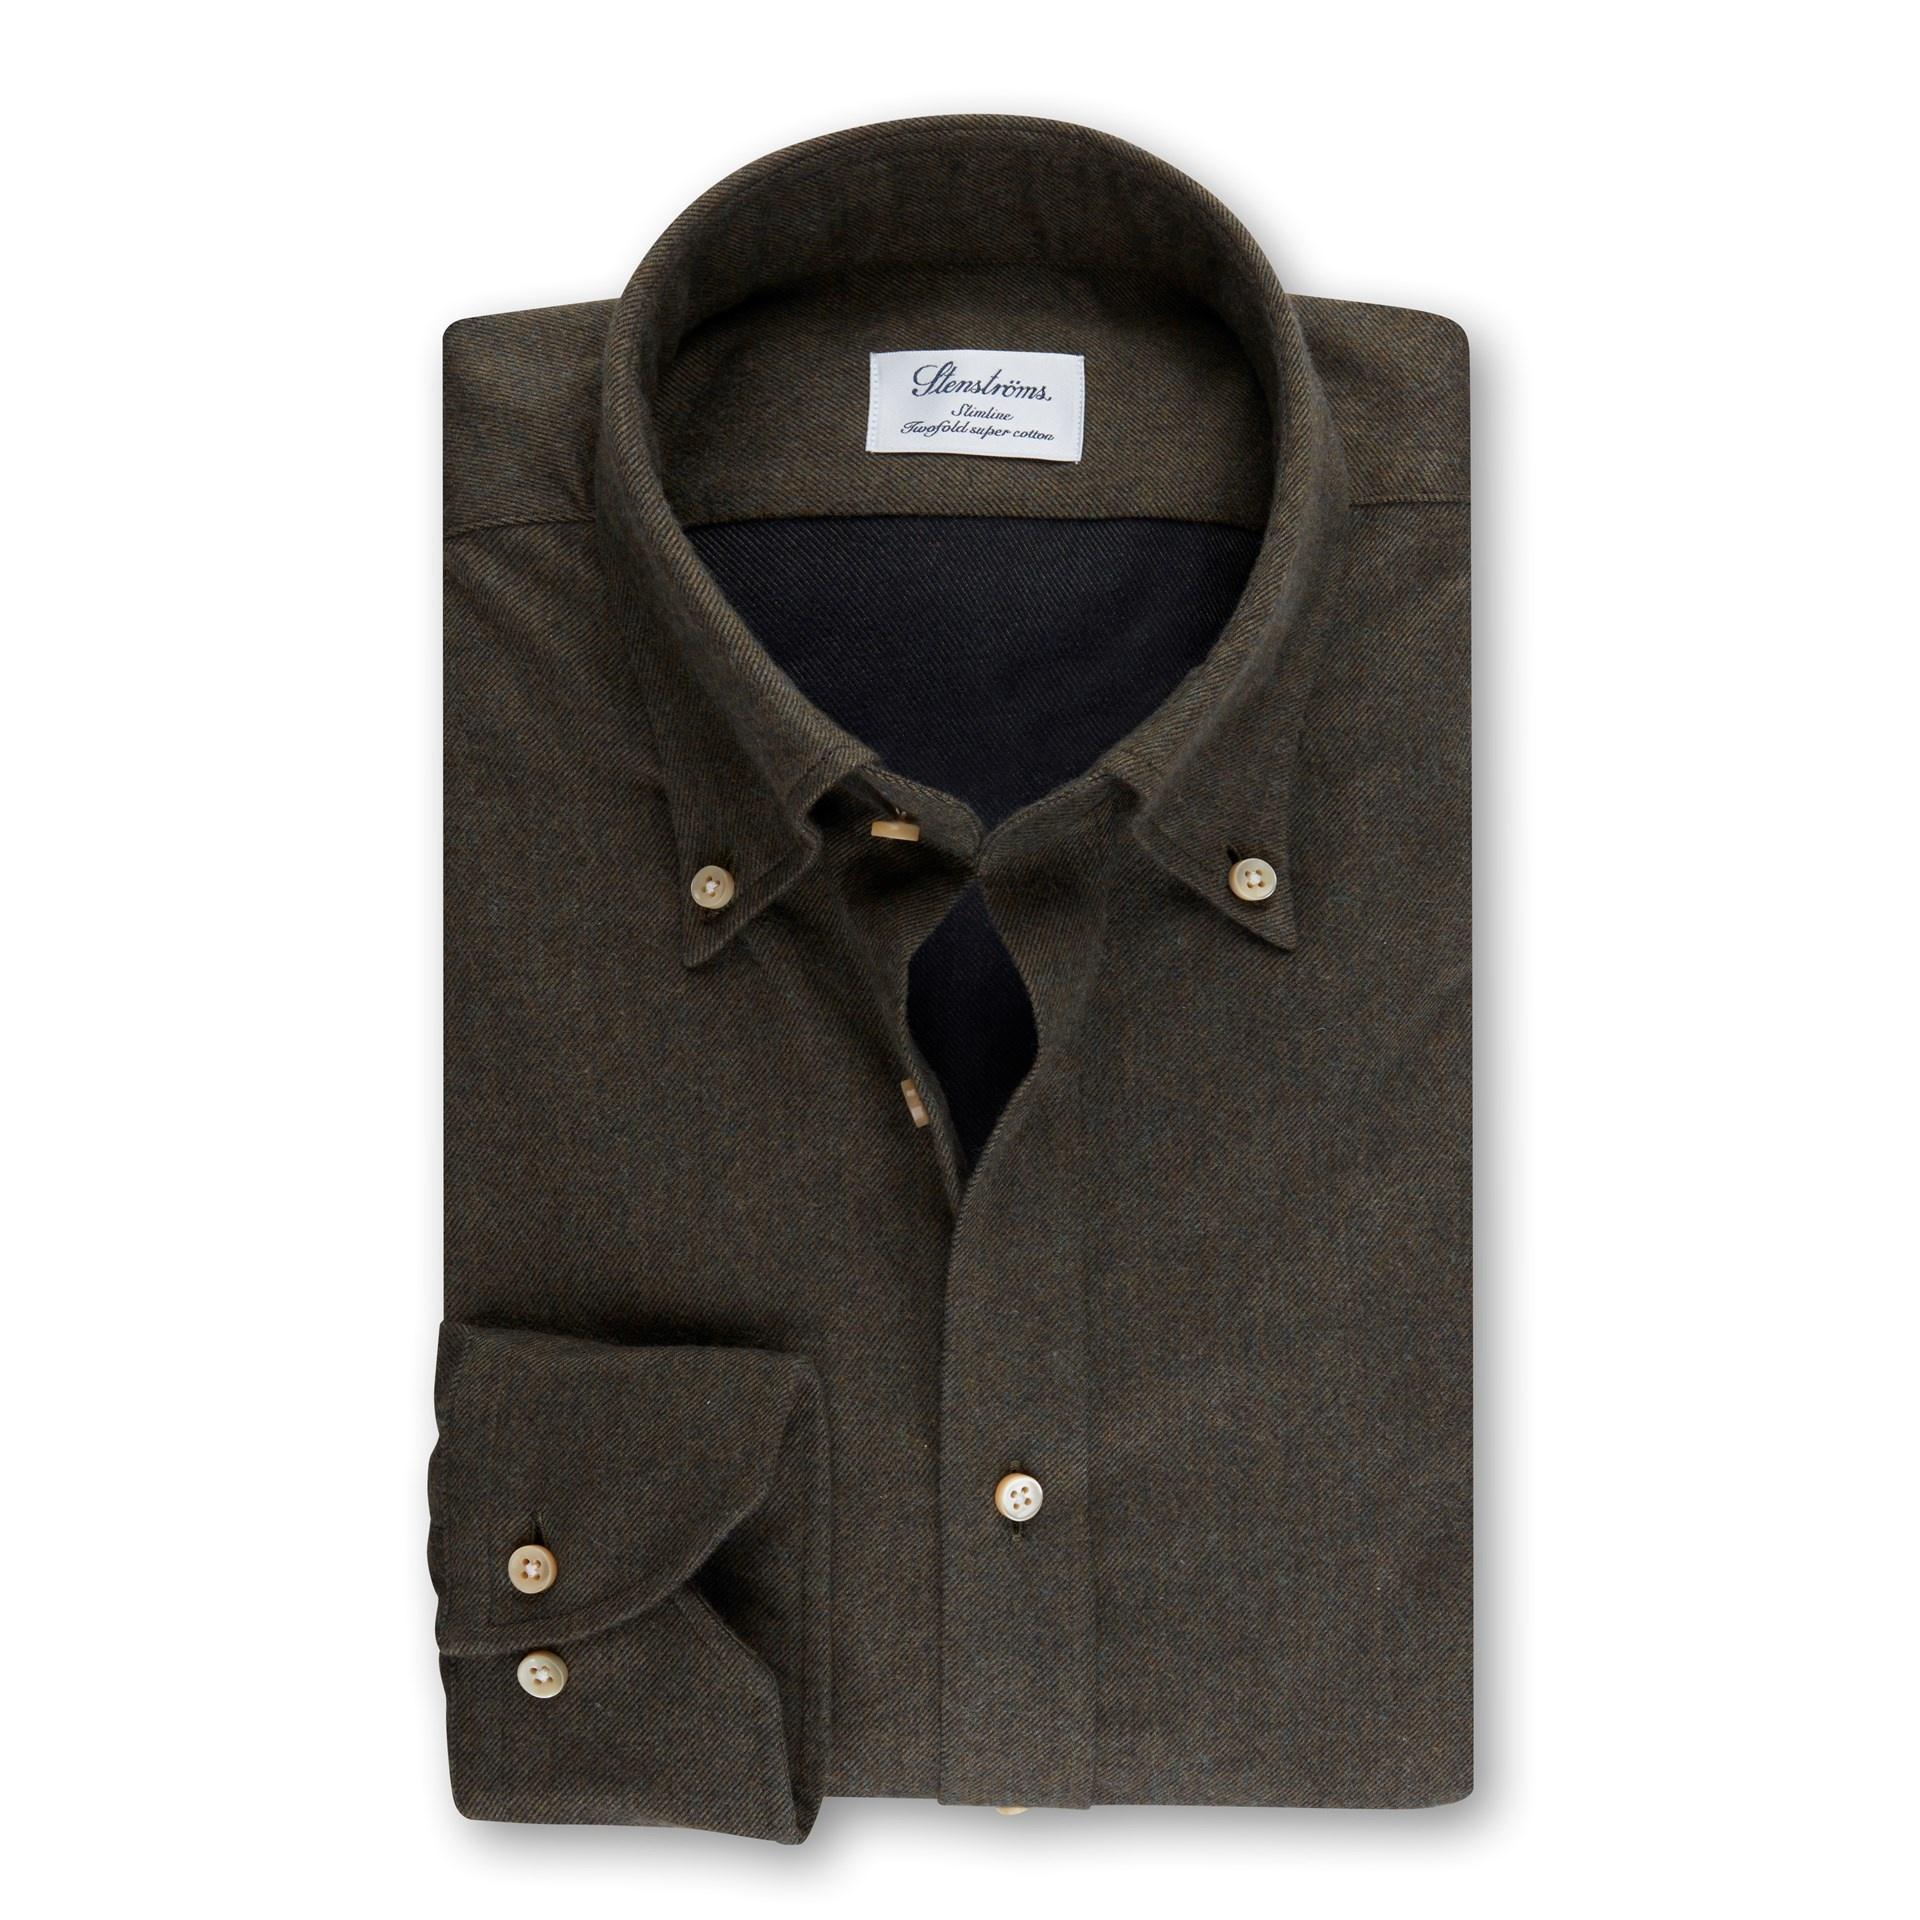 Stenstroms Luxury Flannel Shirt - Fitted